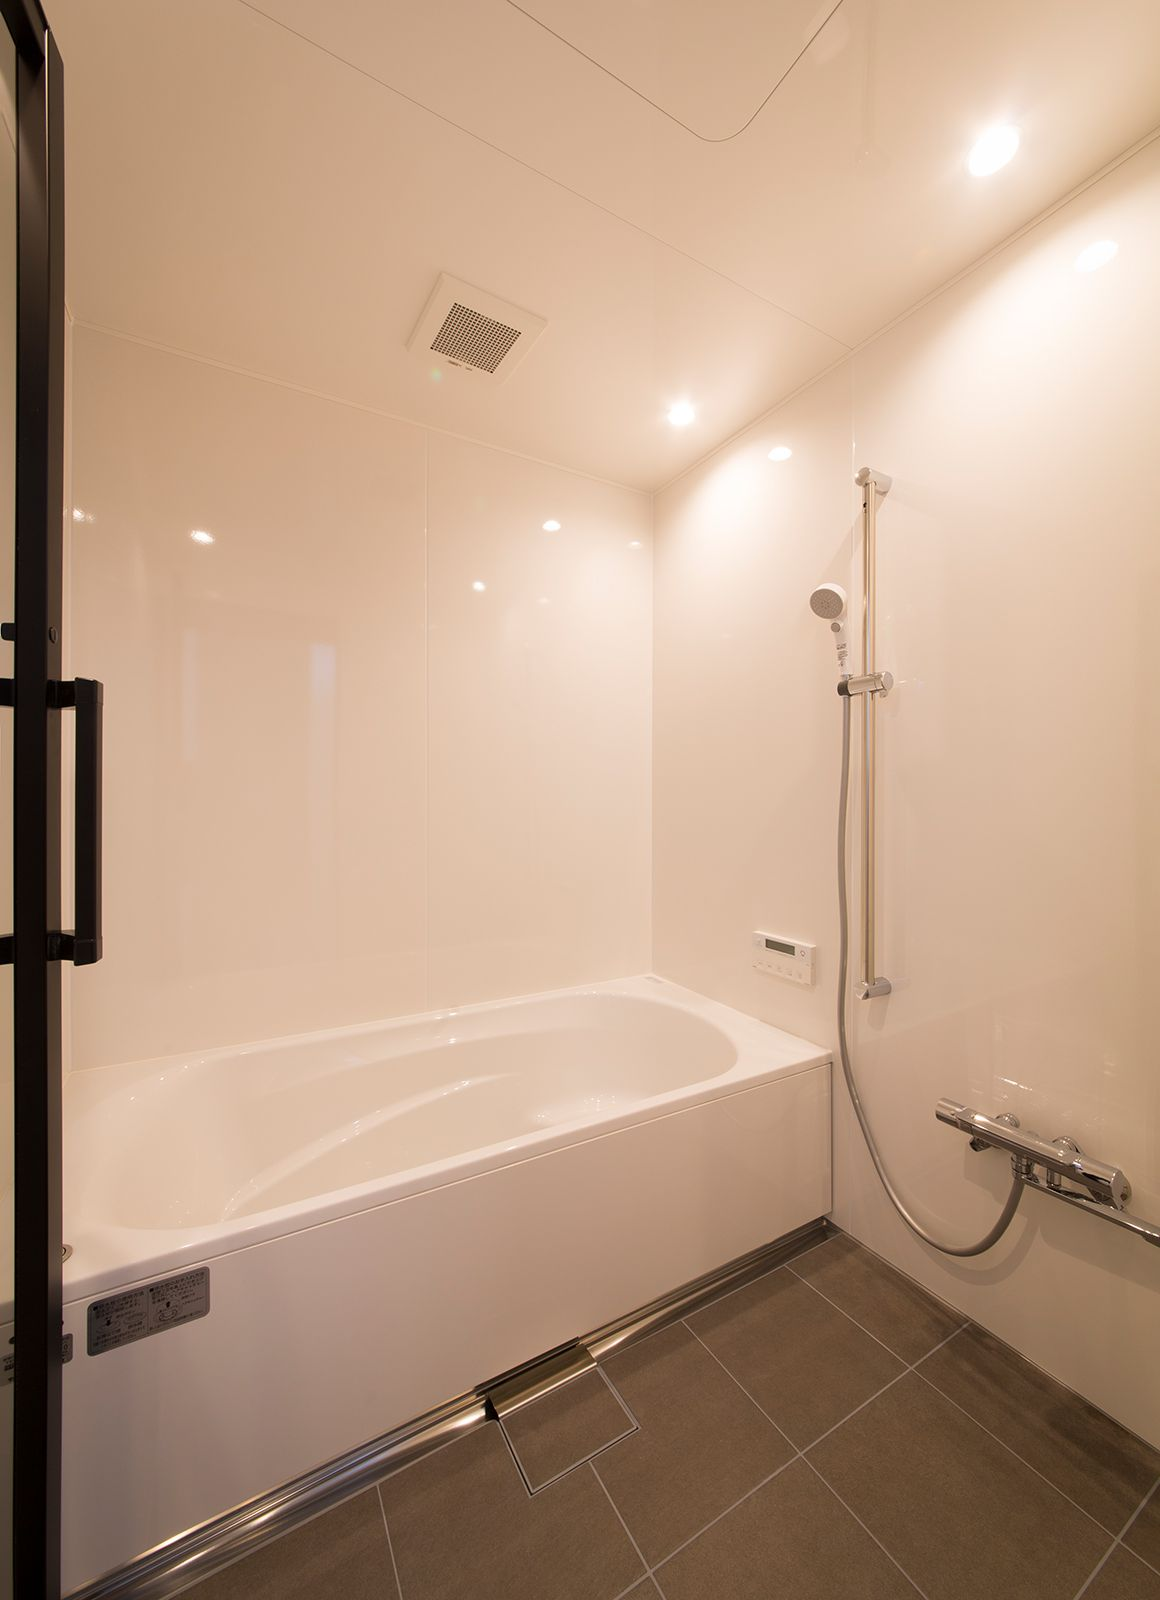 ルンバブルハウスの浴室・洗面室3